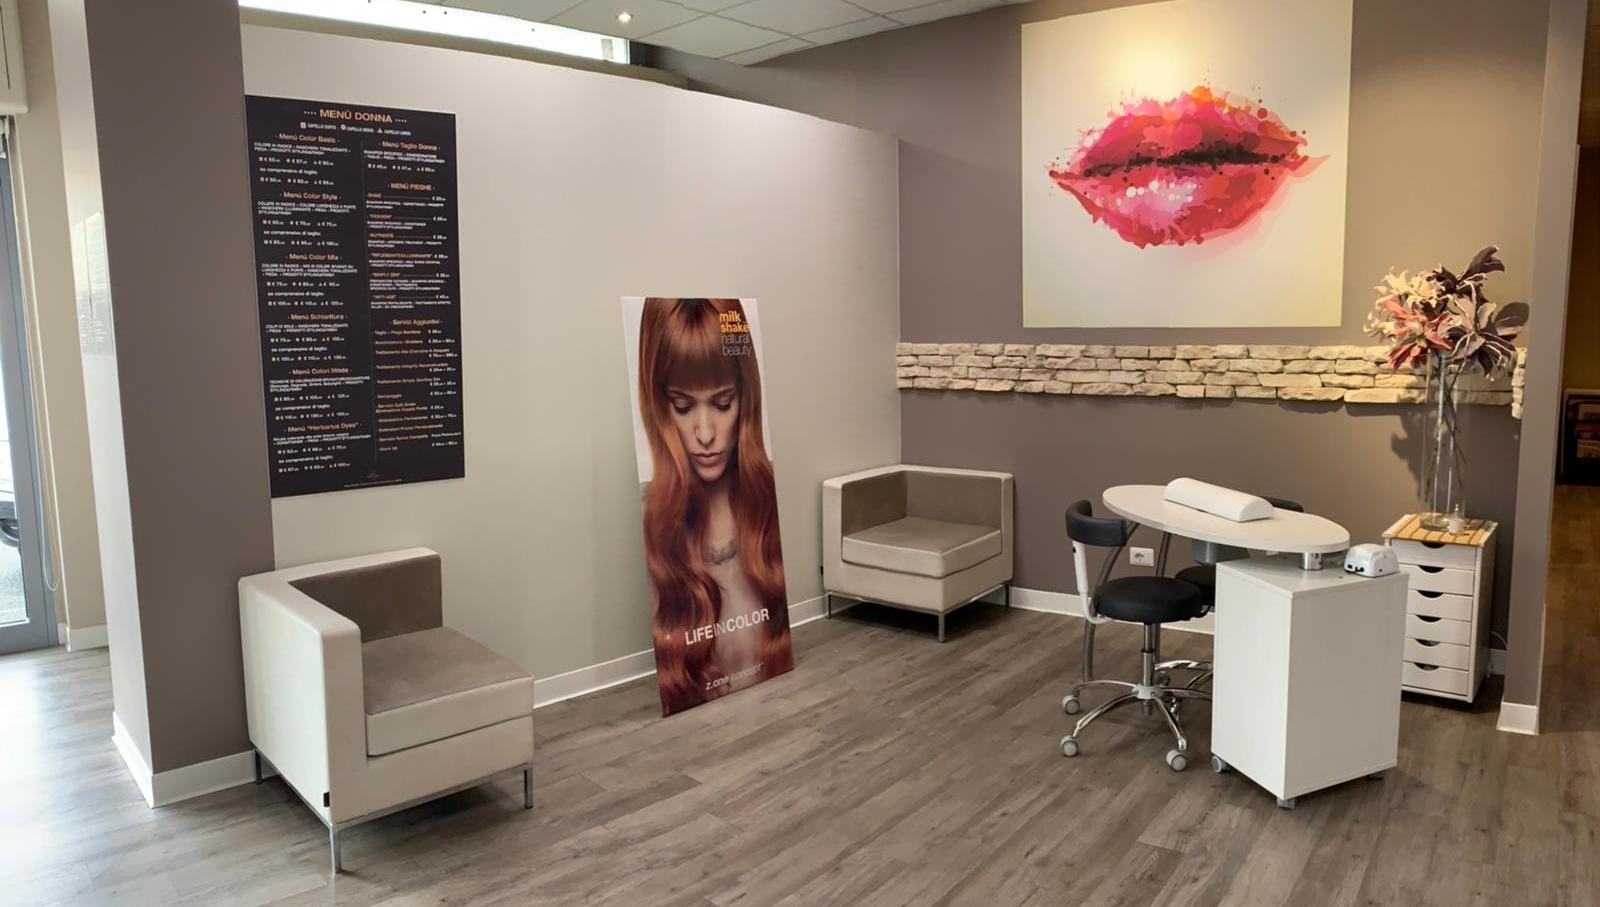 JONI l'Atelier della Bellezza, Salone di bellezza Borgosesia, Verceli | Consulenza & Styling | Parruchieri Donna Borgosesia, Barberia Borgosesia, Epil Laser